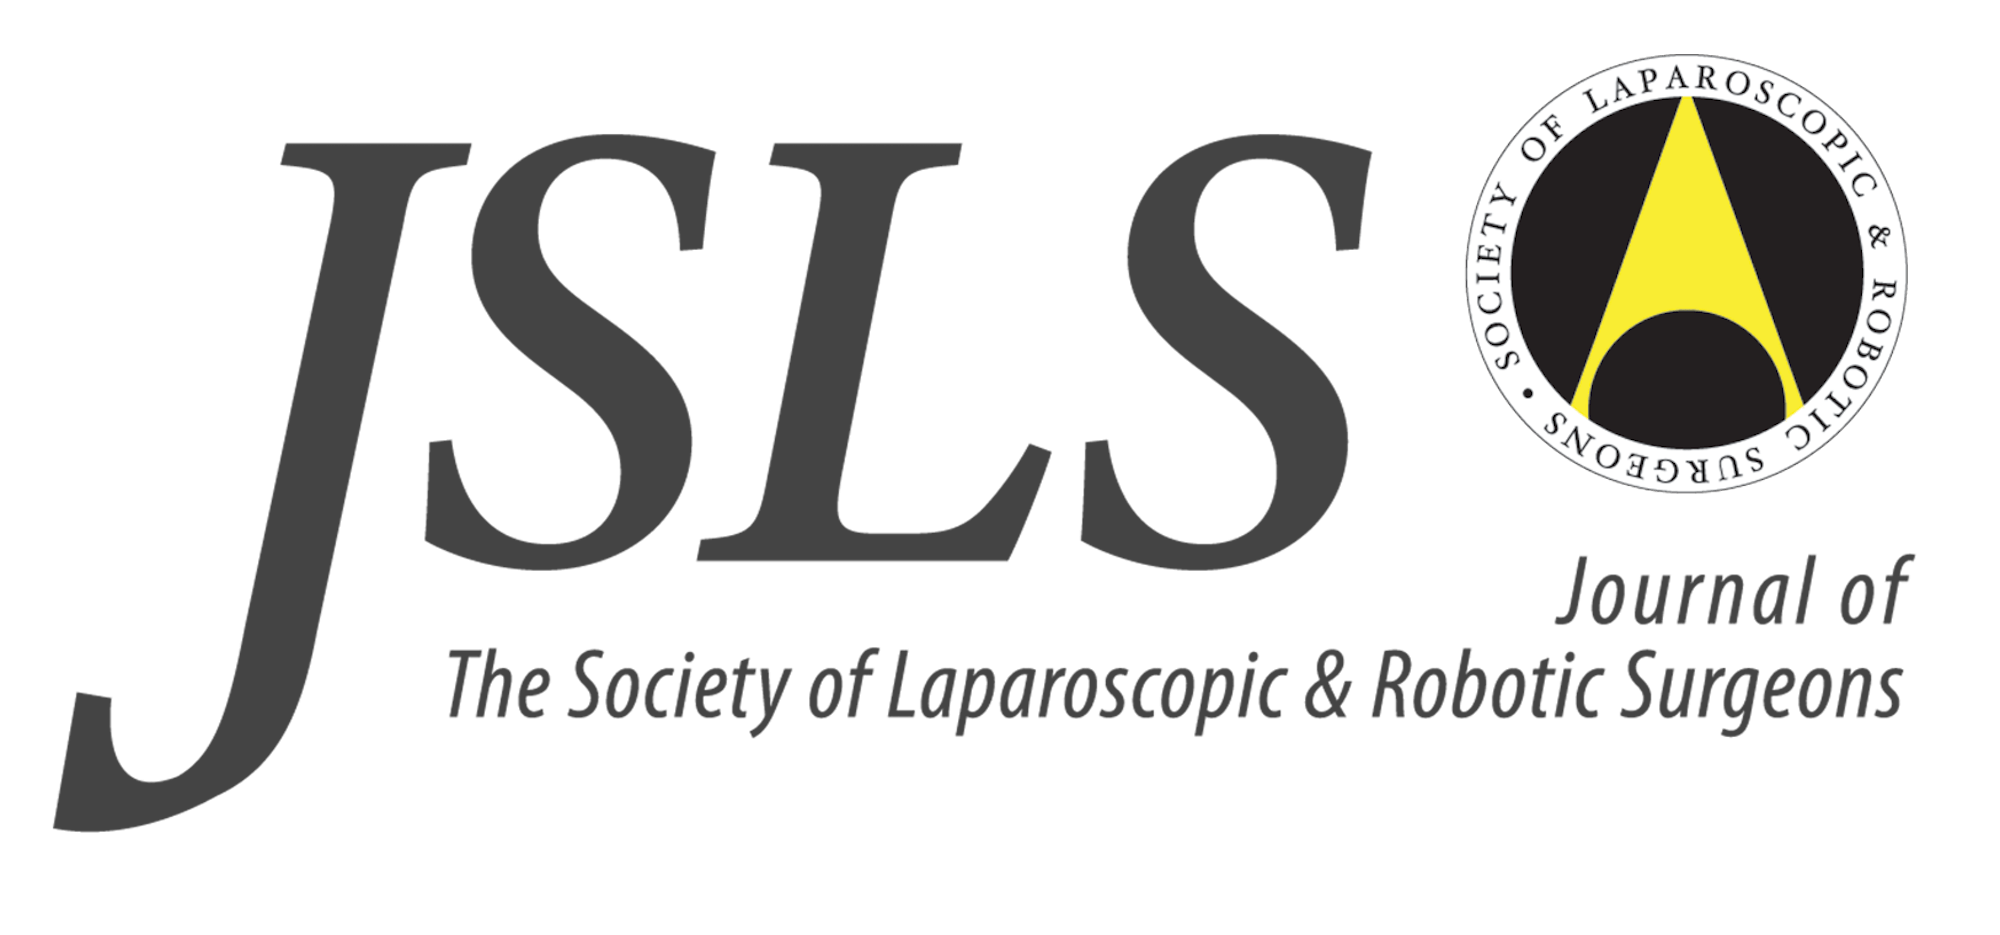 Jsls-logo-web-comp